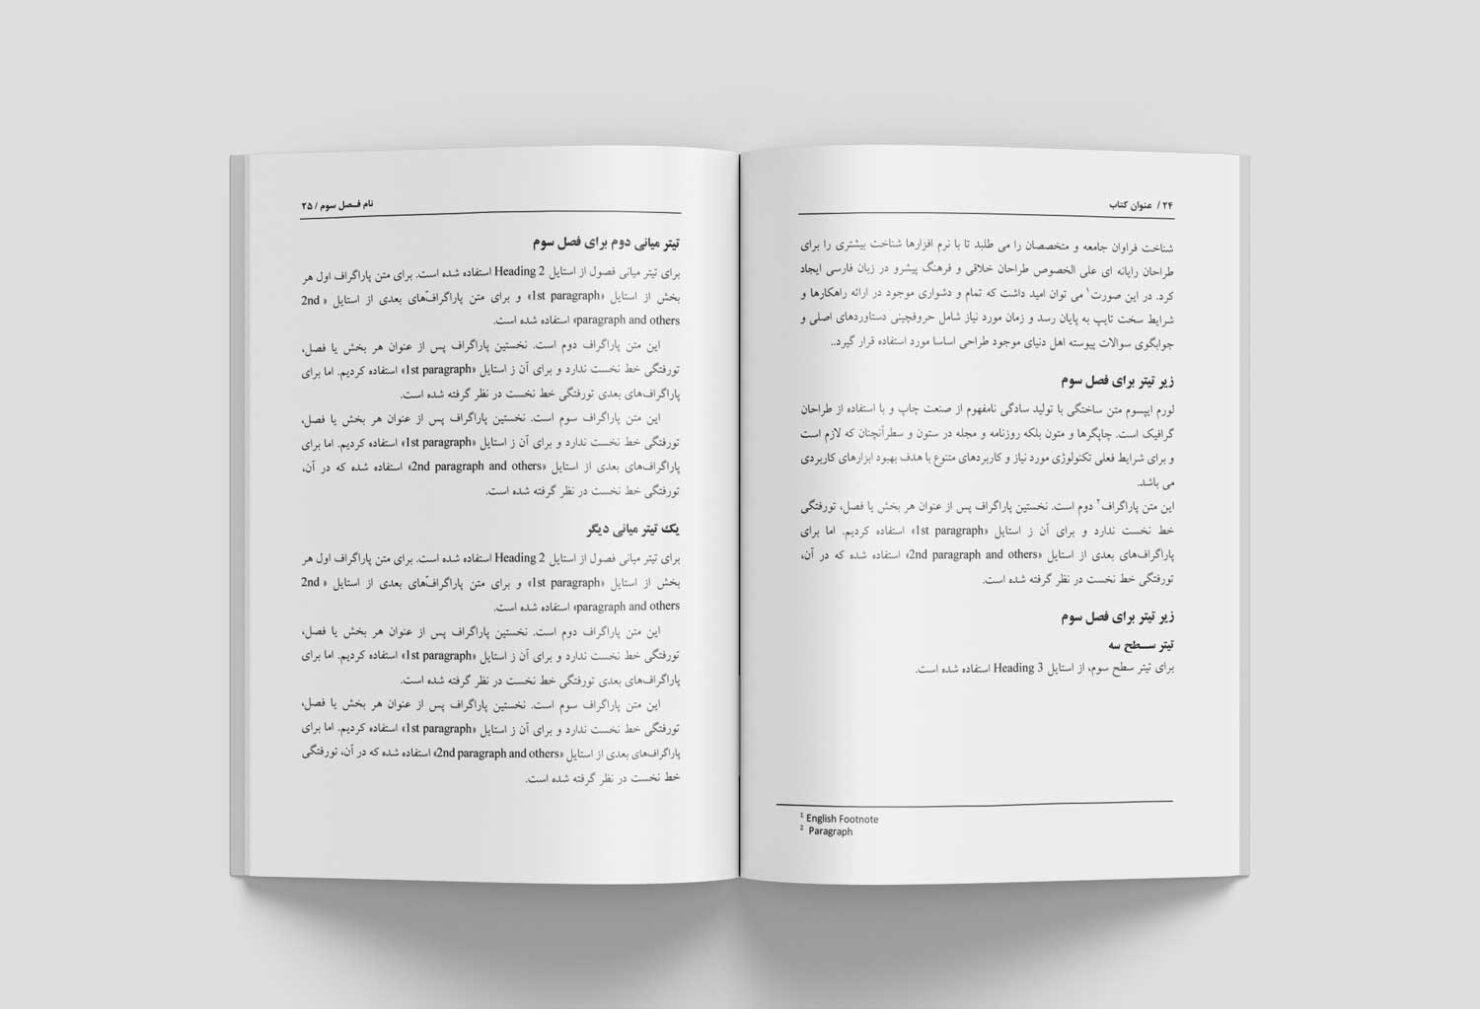 قالب کتاب در ورد با هدر خط دار